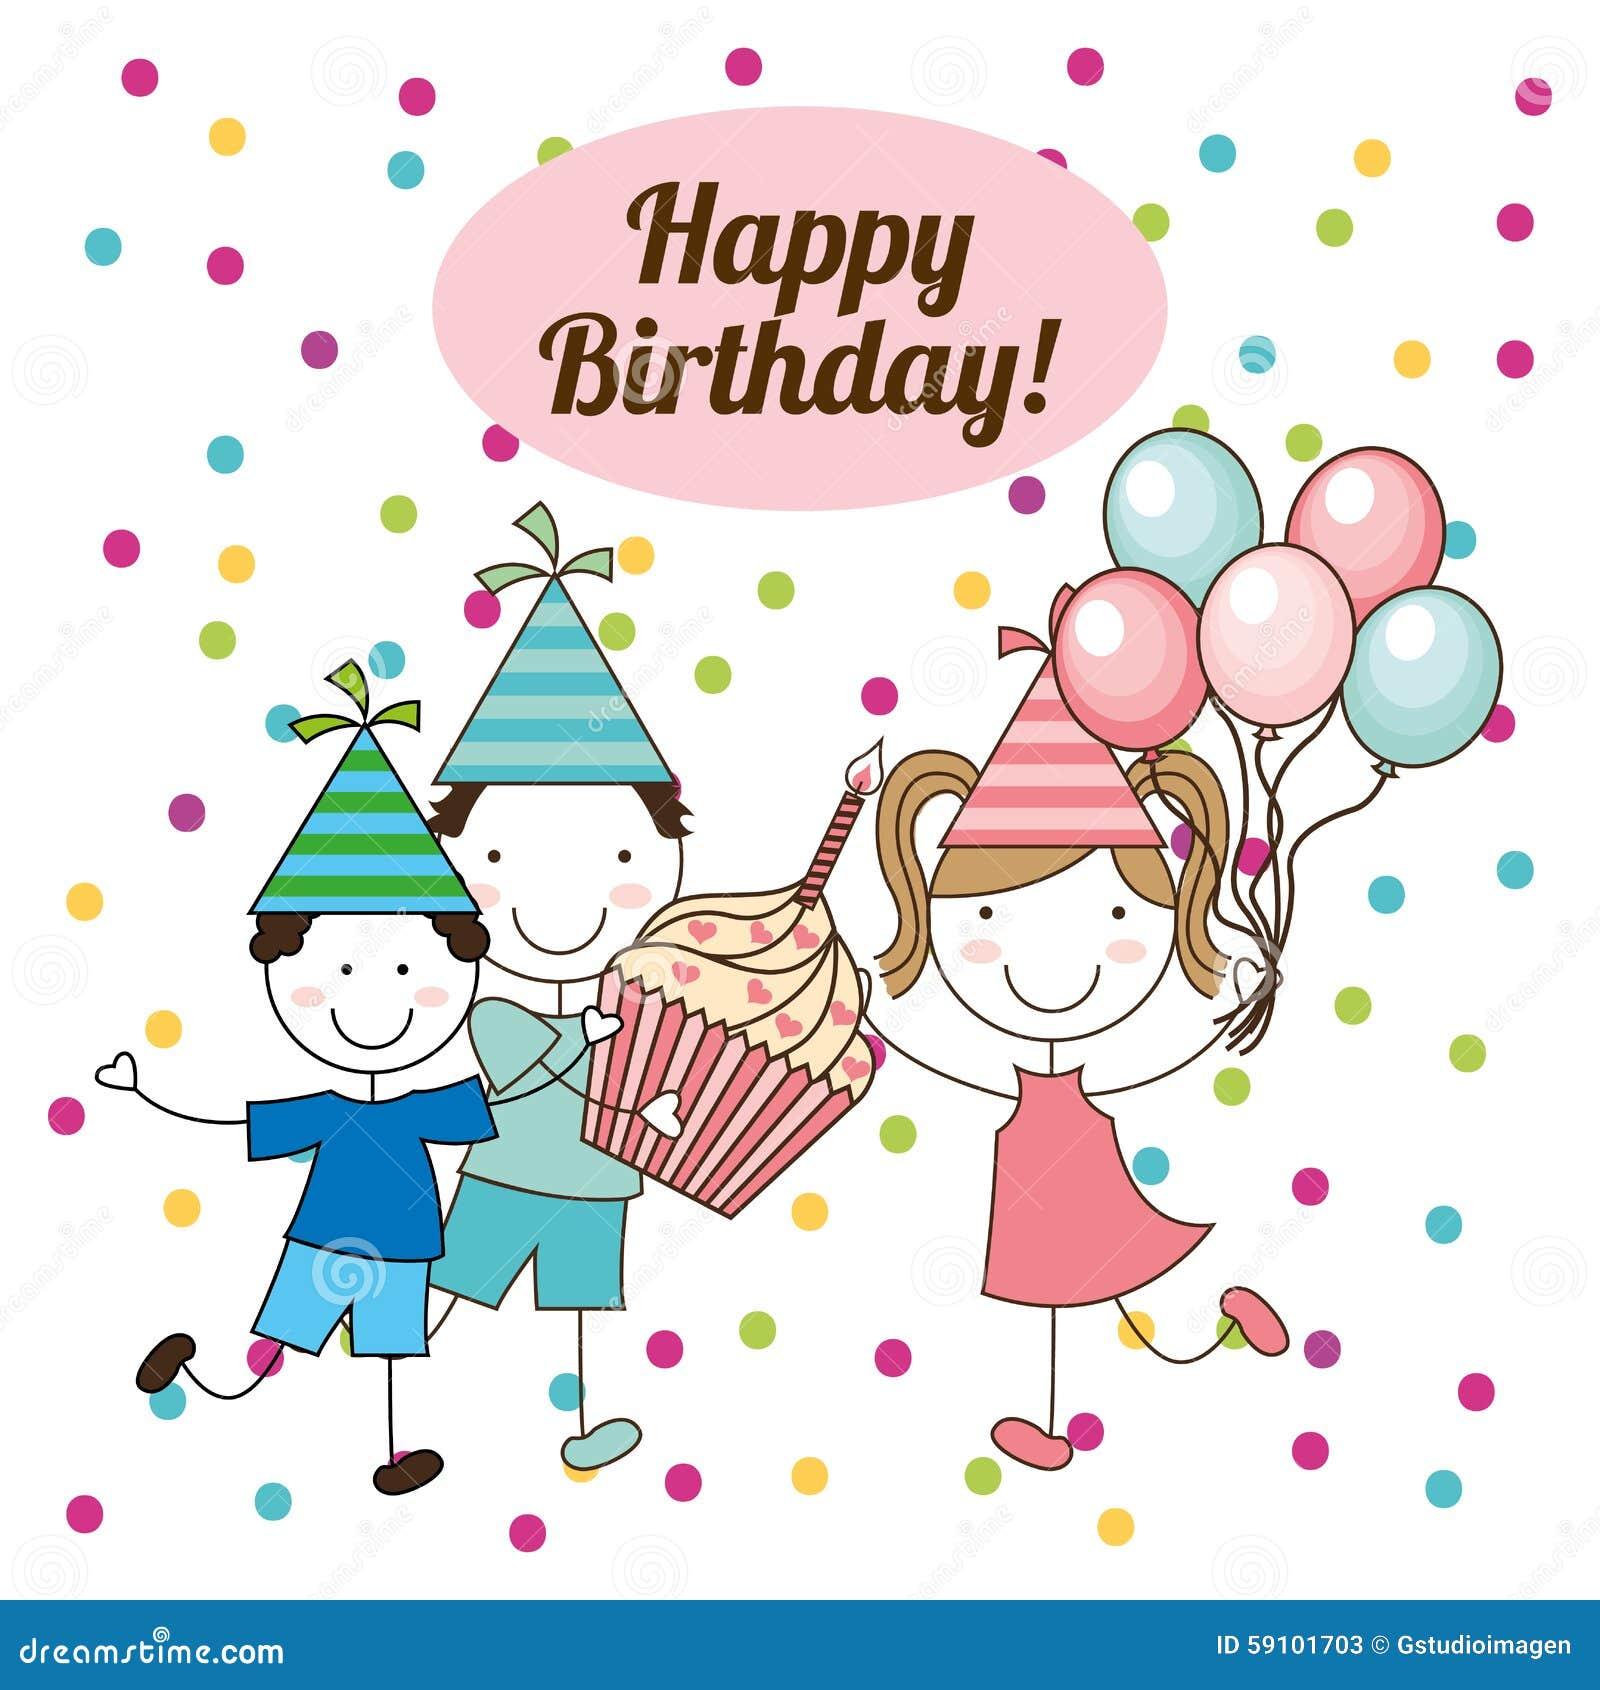 Birthday Cake Symbol On Keyboard Image Inspiration of Cake and